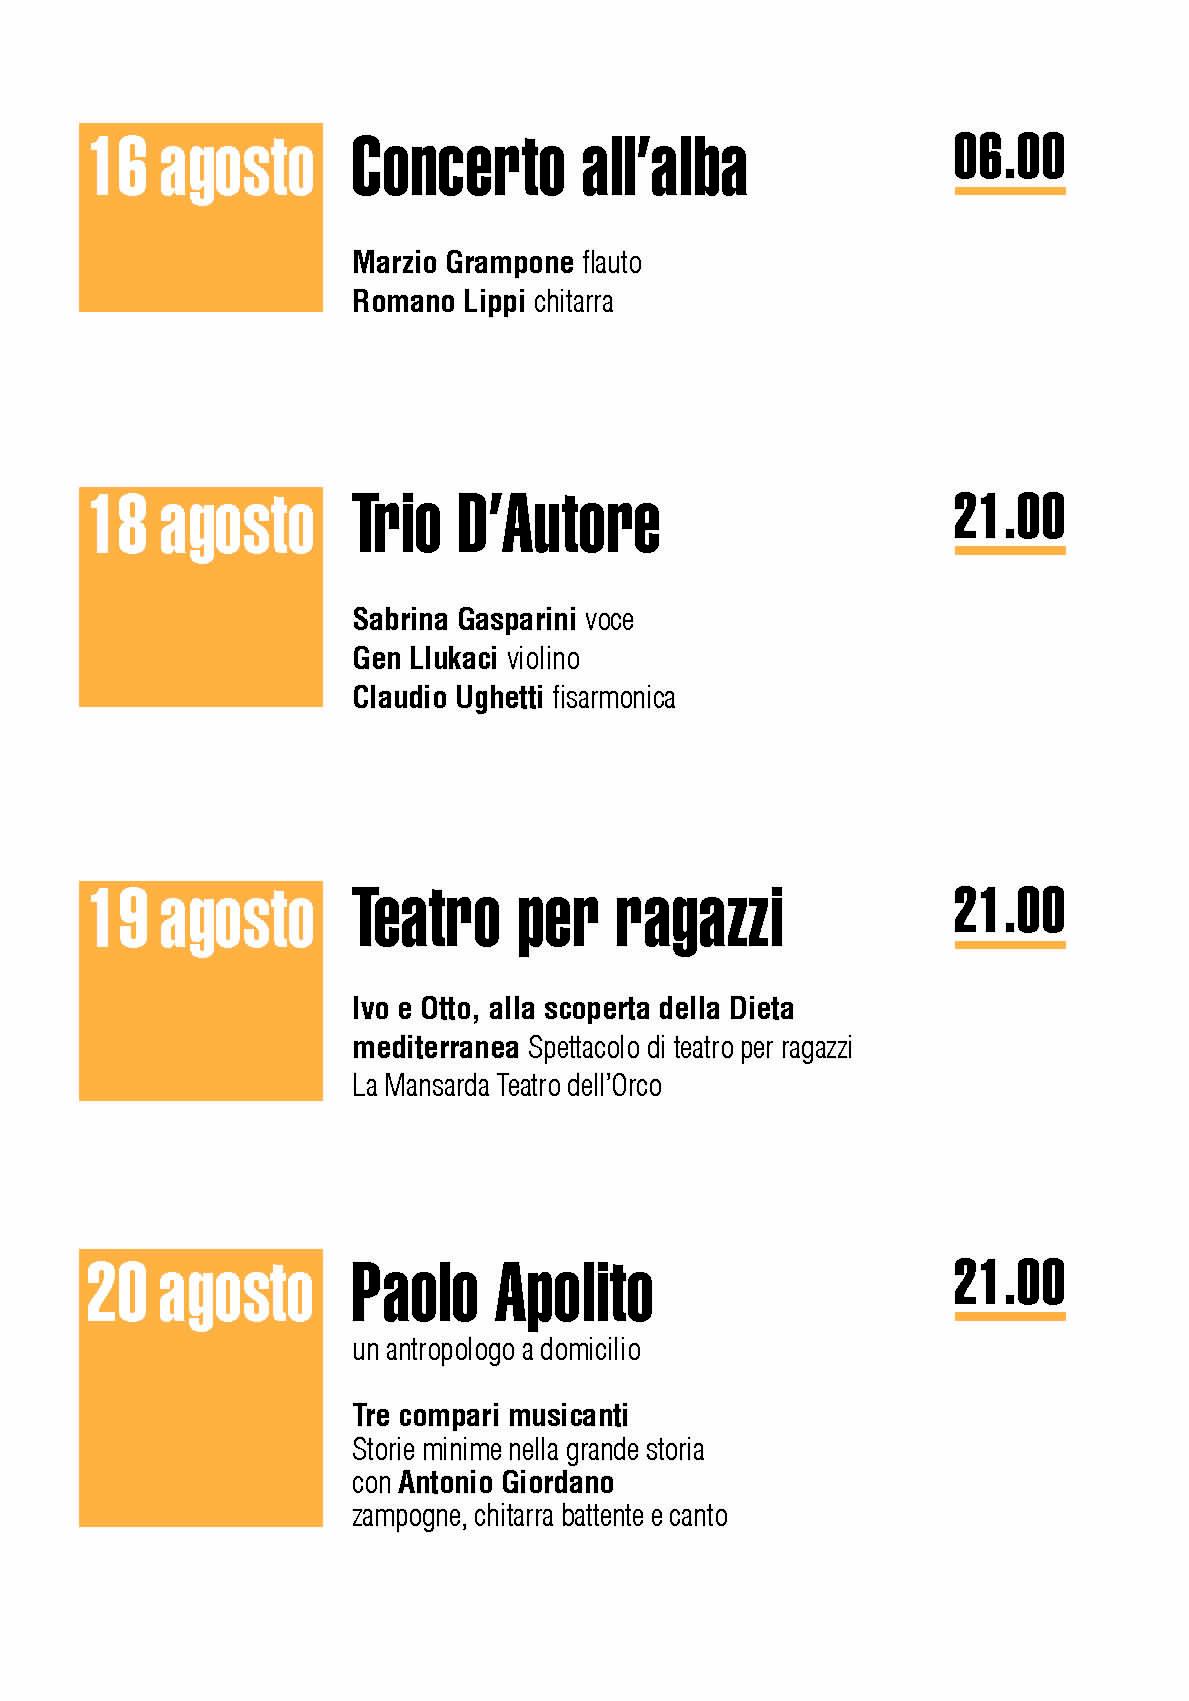 3 1 - Pioppi, 5° Festival della Dieta Mediterranea - dall'8 all'1 Settembre 2020